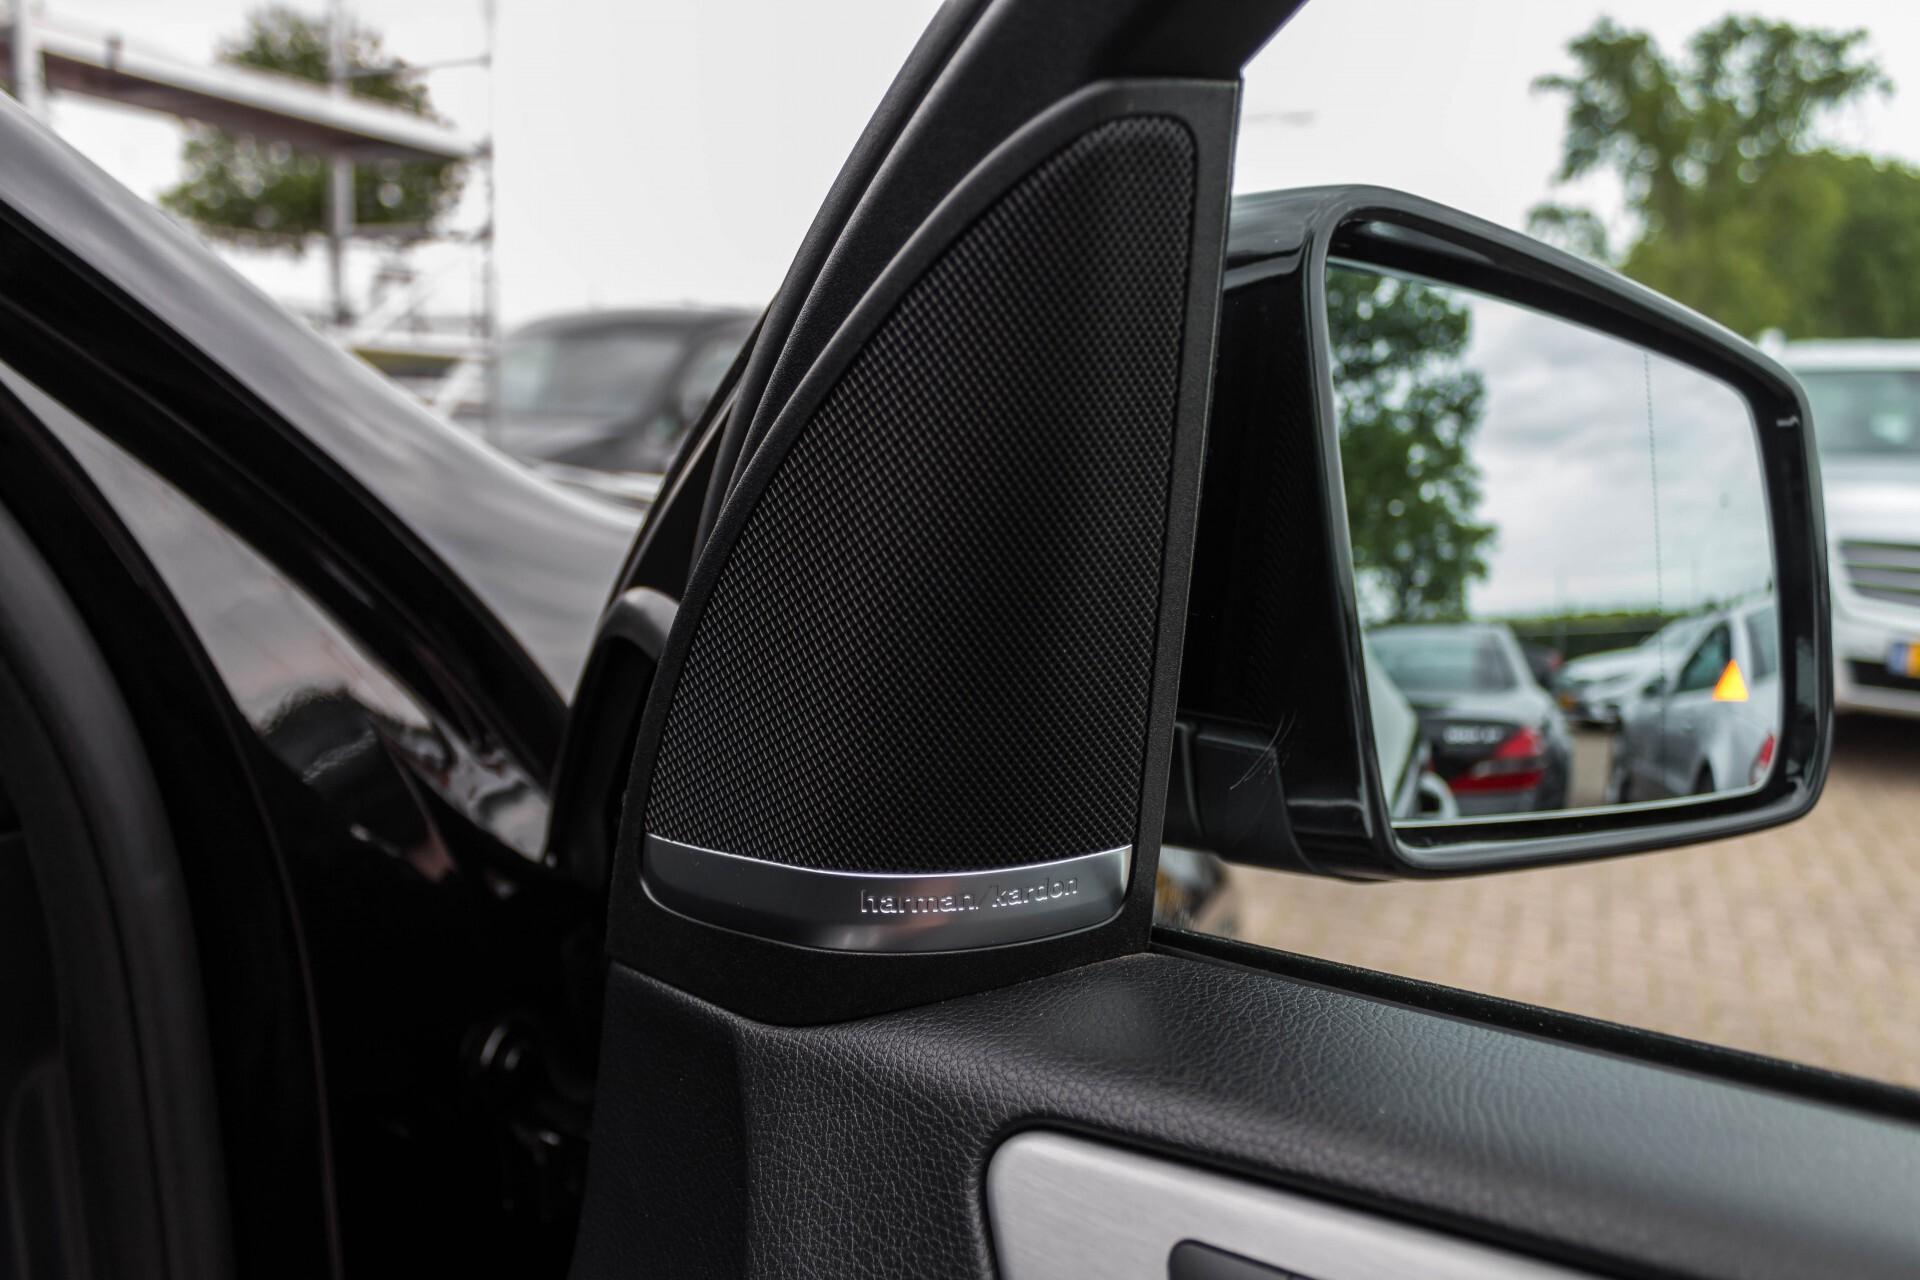 Mercedes-Benz GLE Coupé 350 d 4-M AMG Luchtvering/Distronic/Panorama/Mem/Trekhaak Aut9 Foto 56